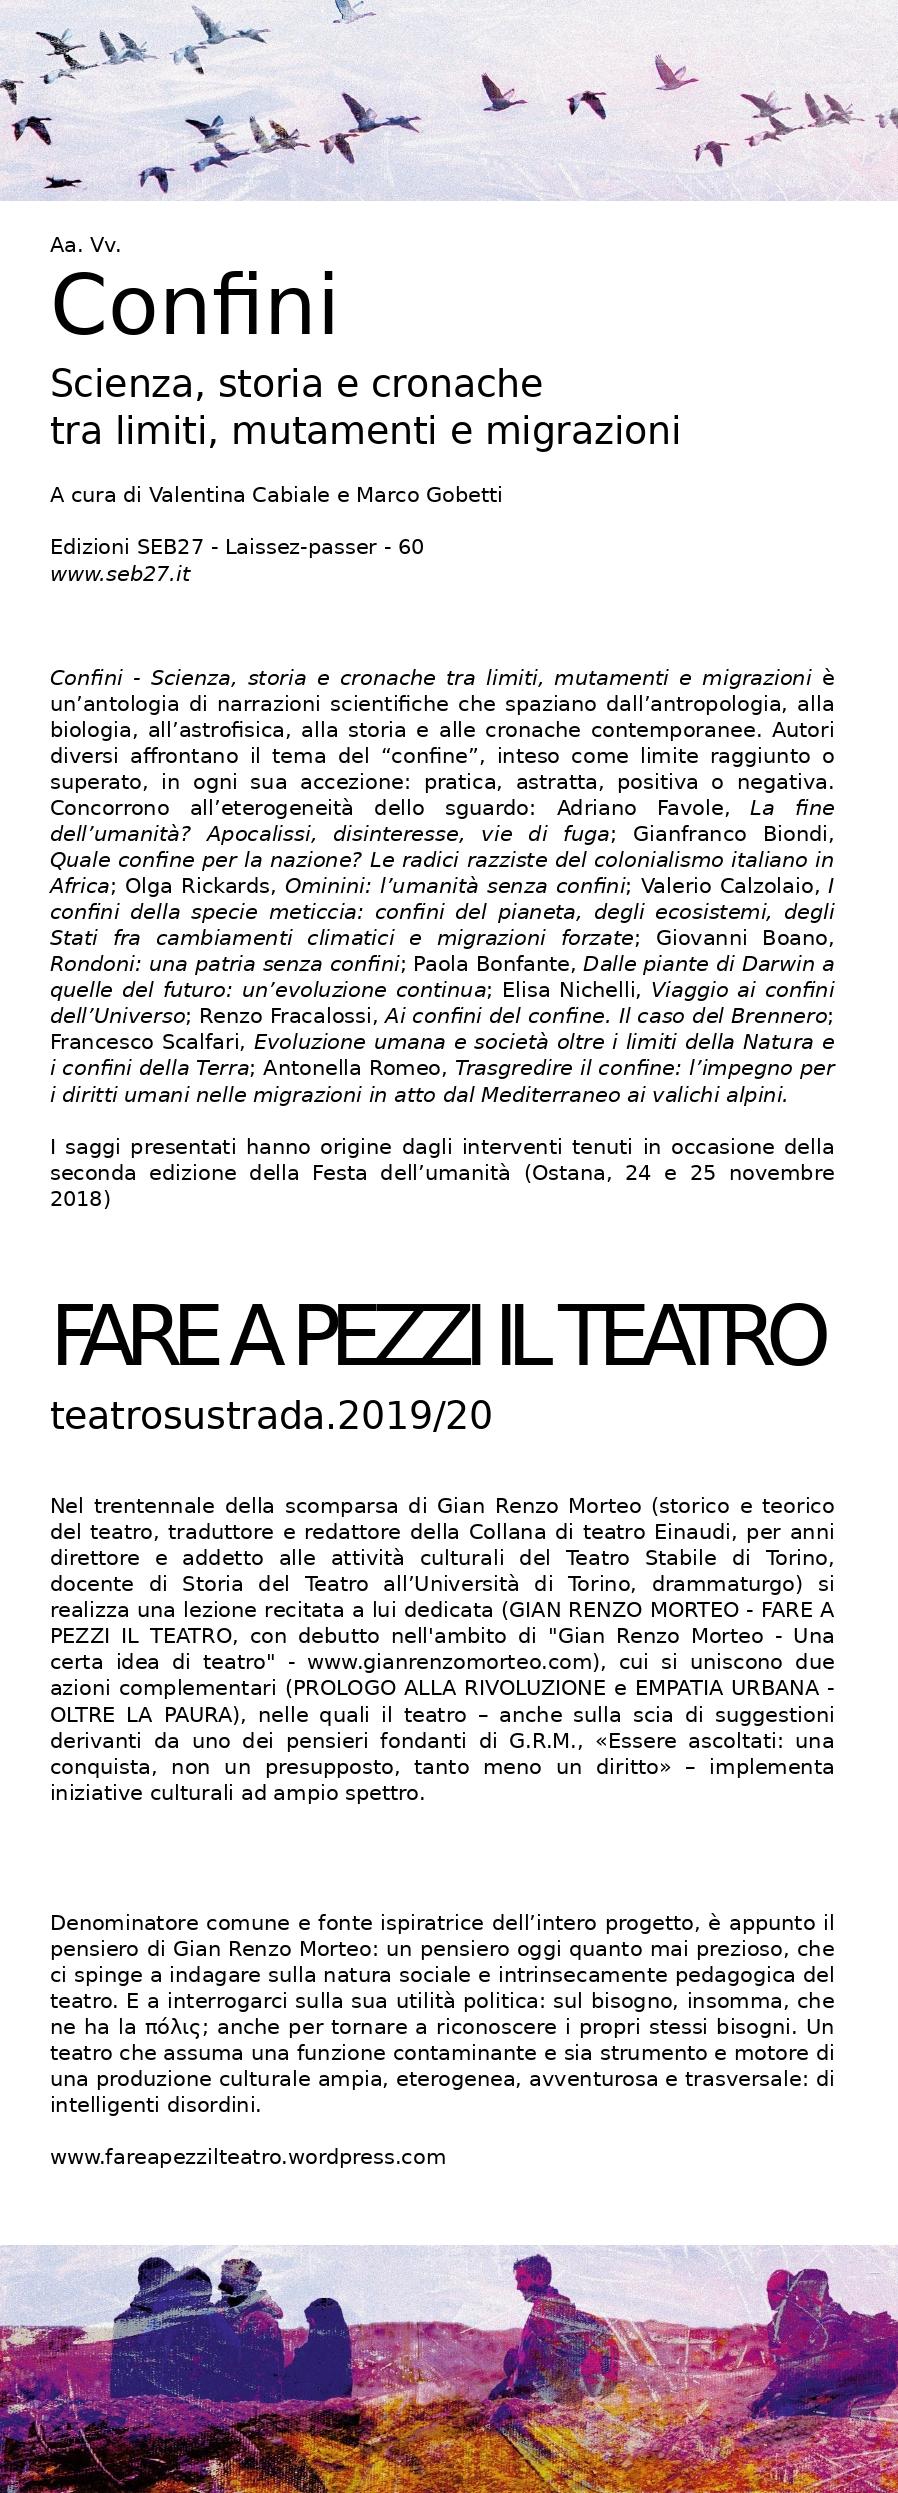 Prologo Rivoluzione volantino fronte-retro_page-0002